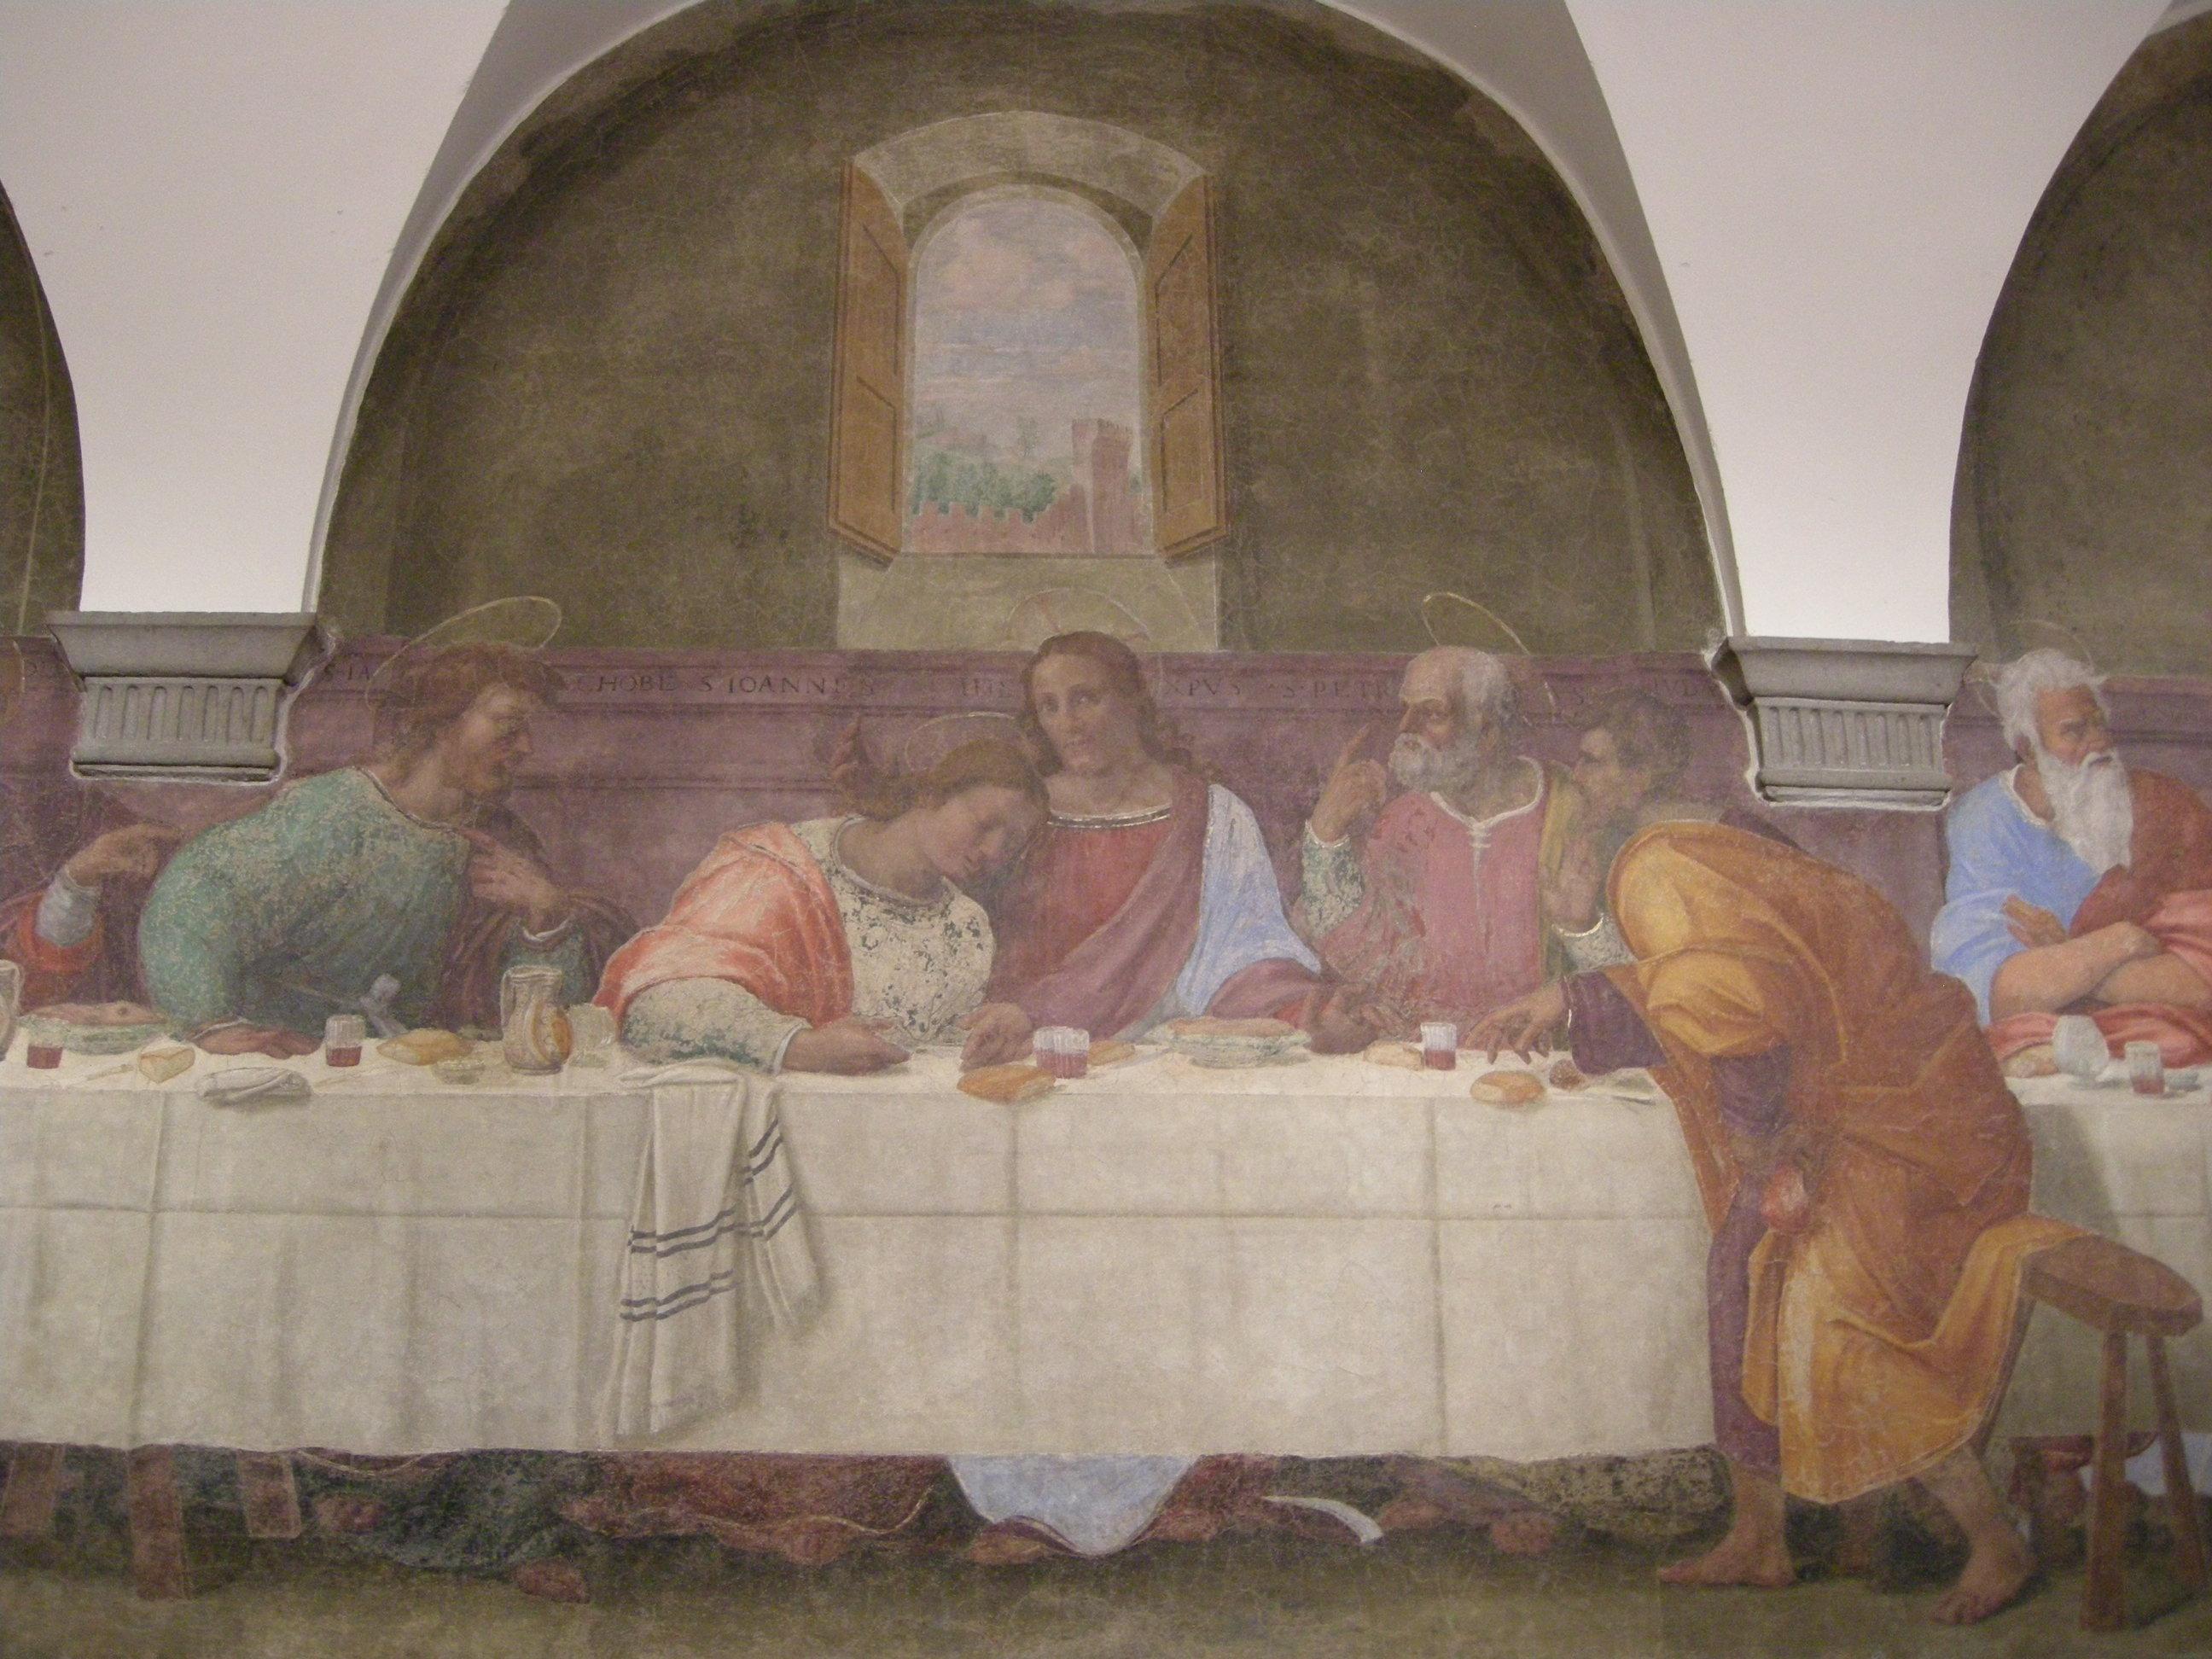 Franciabigio, Ultima Cena, 1514, affresco, Firenze, Convento della Calza